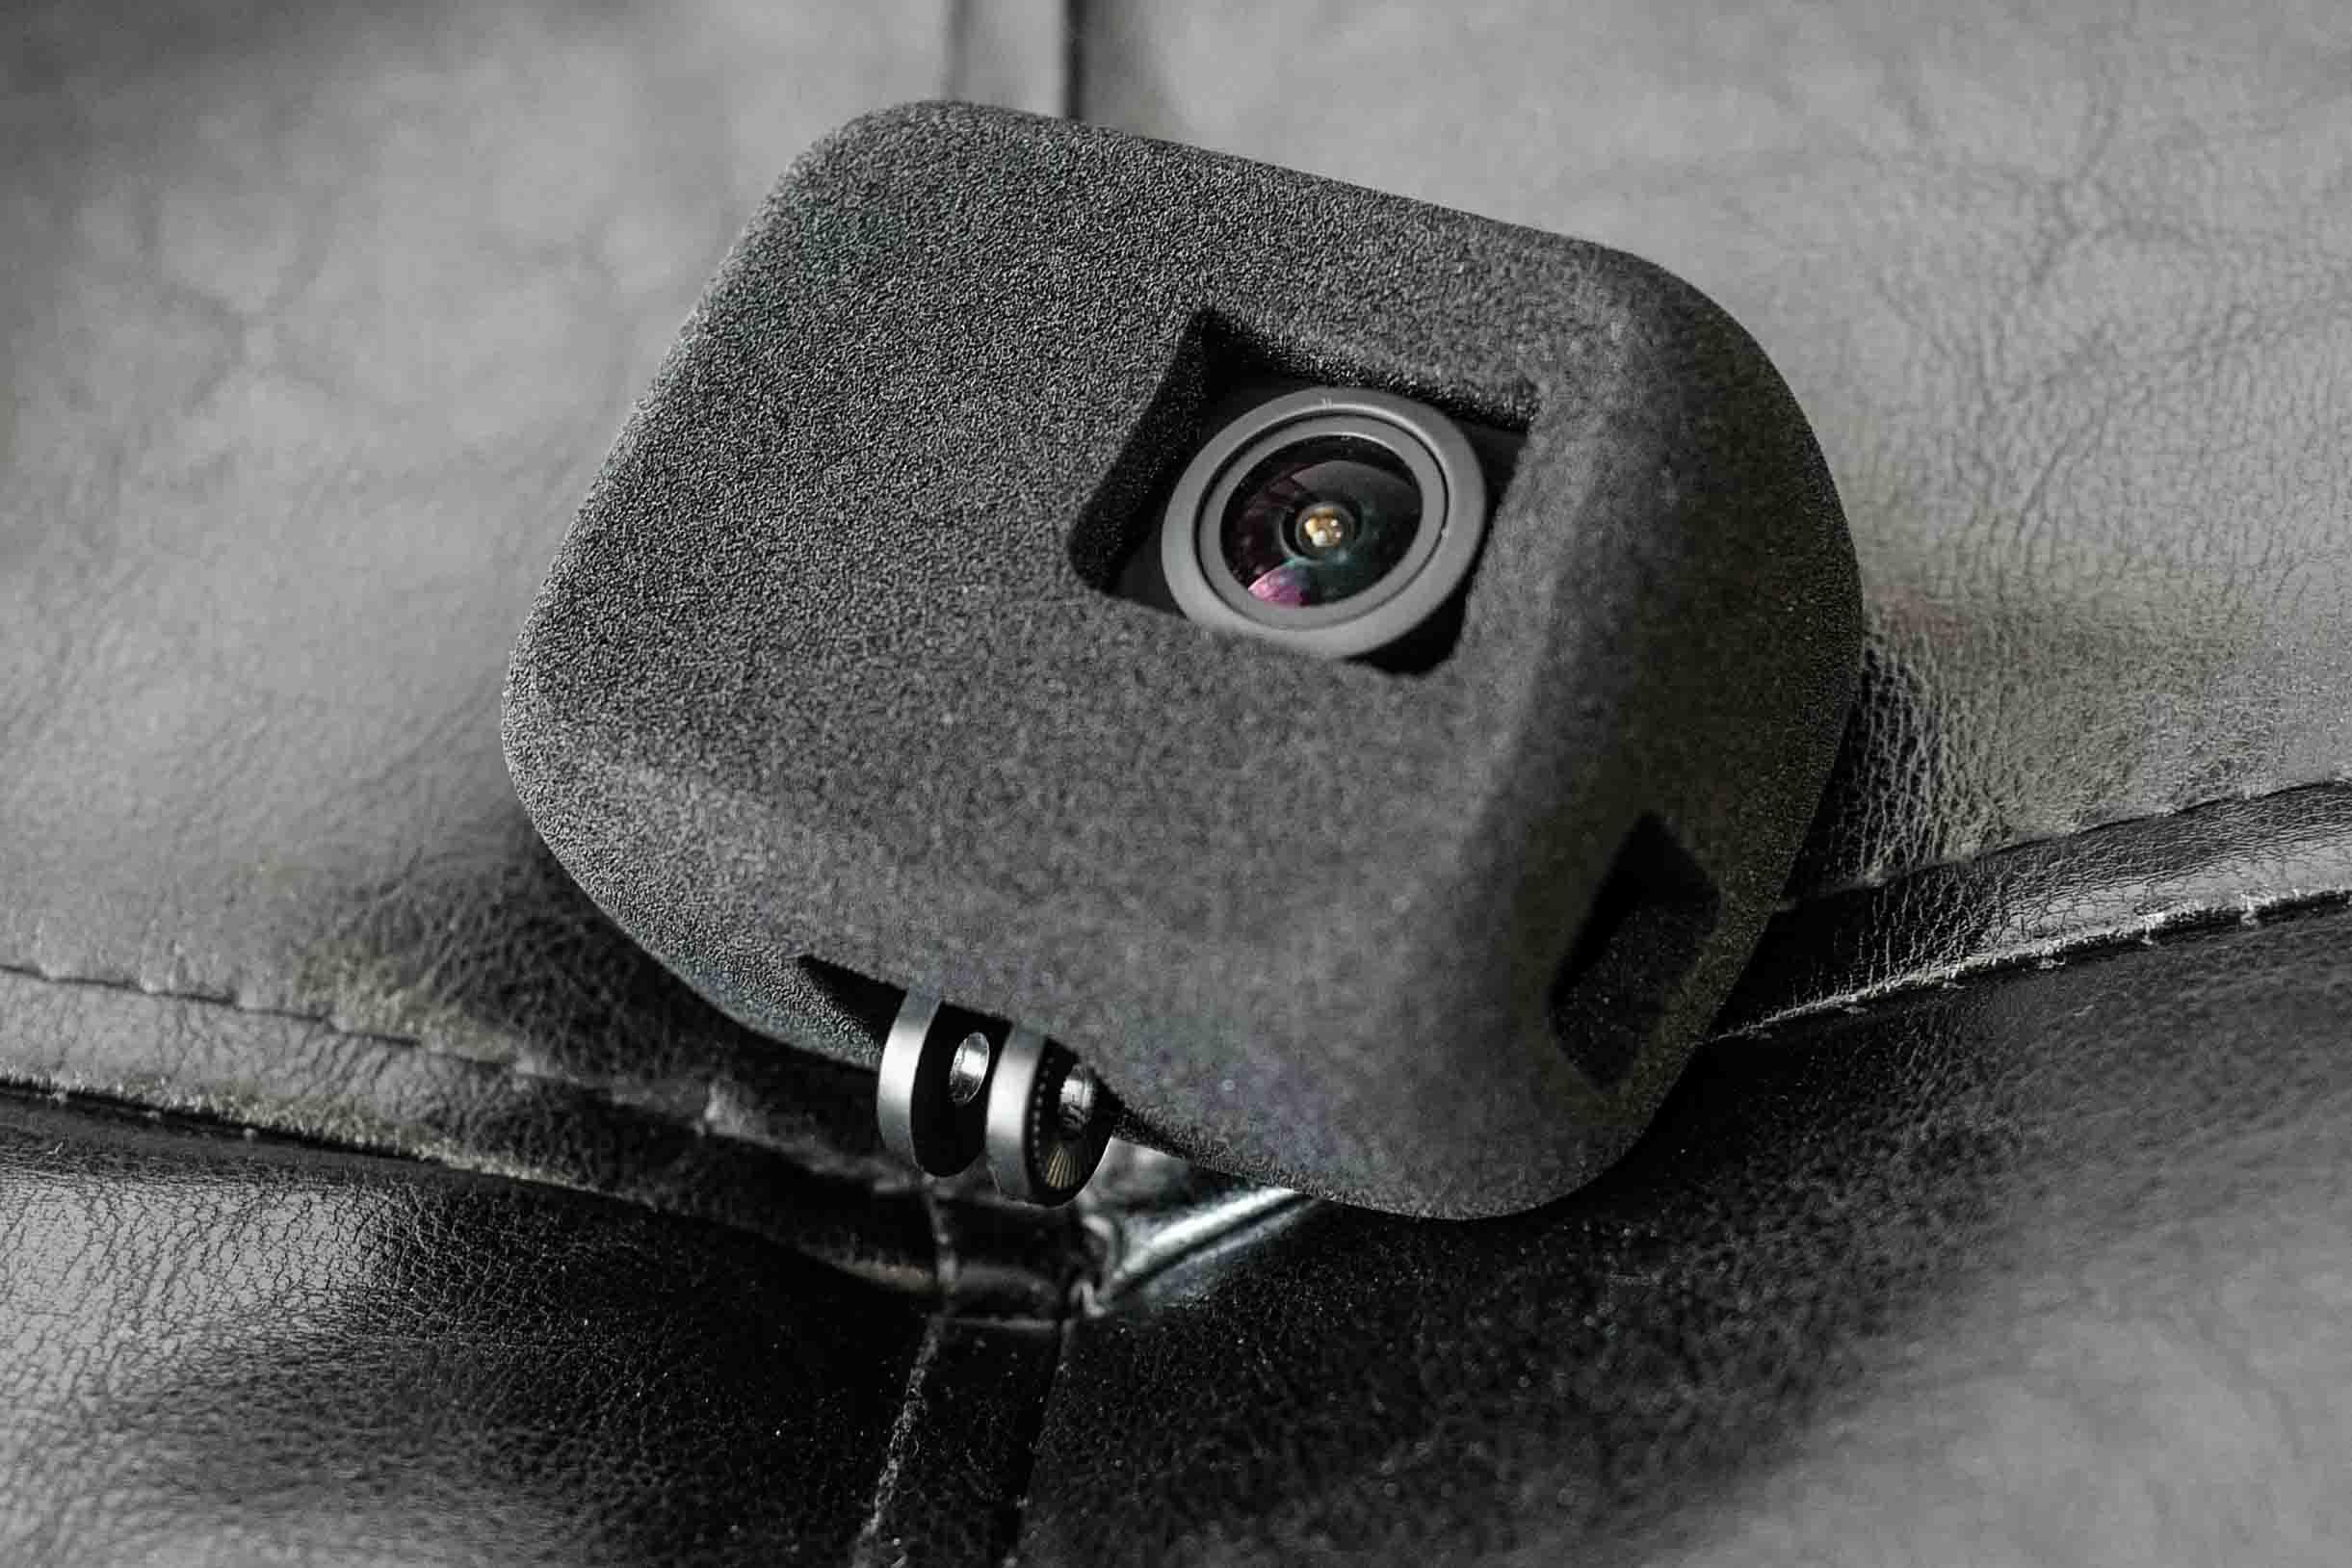 【中華アクションカメラに装着可能!】GoPro HERO5/6/7用  防風スポンジケース 充電可能タイプをAKASO V50 Pro SEに装着!